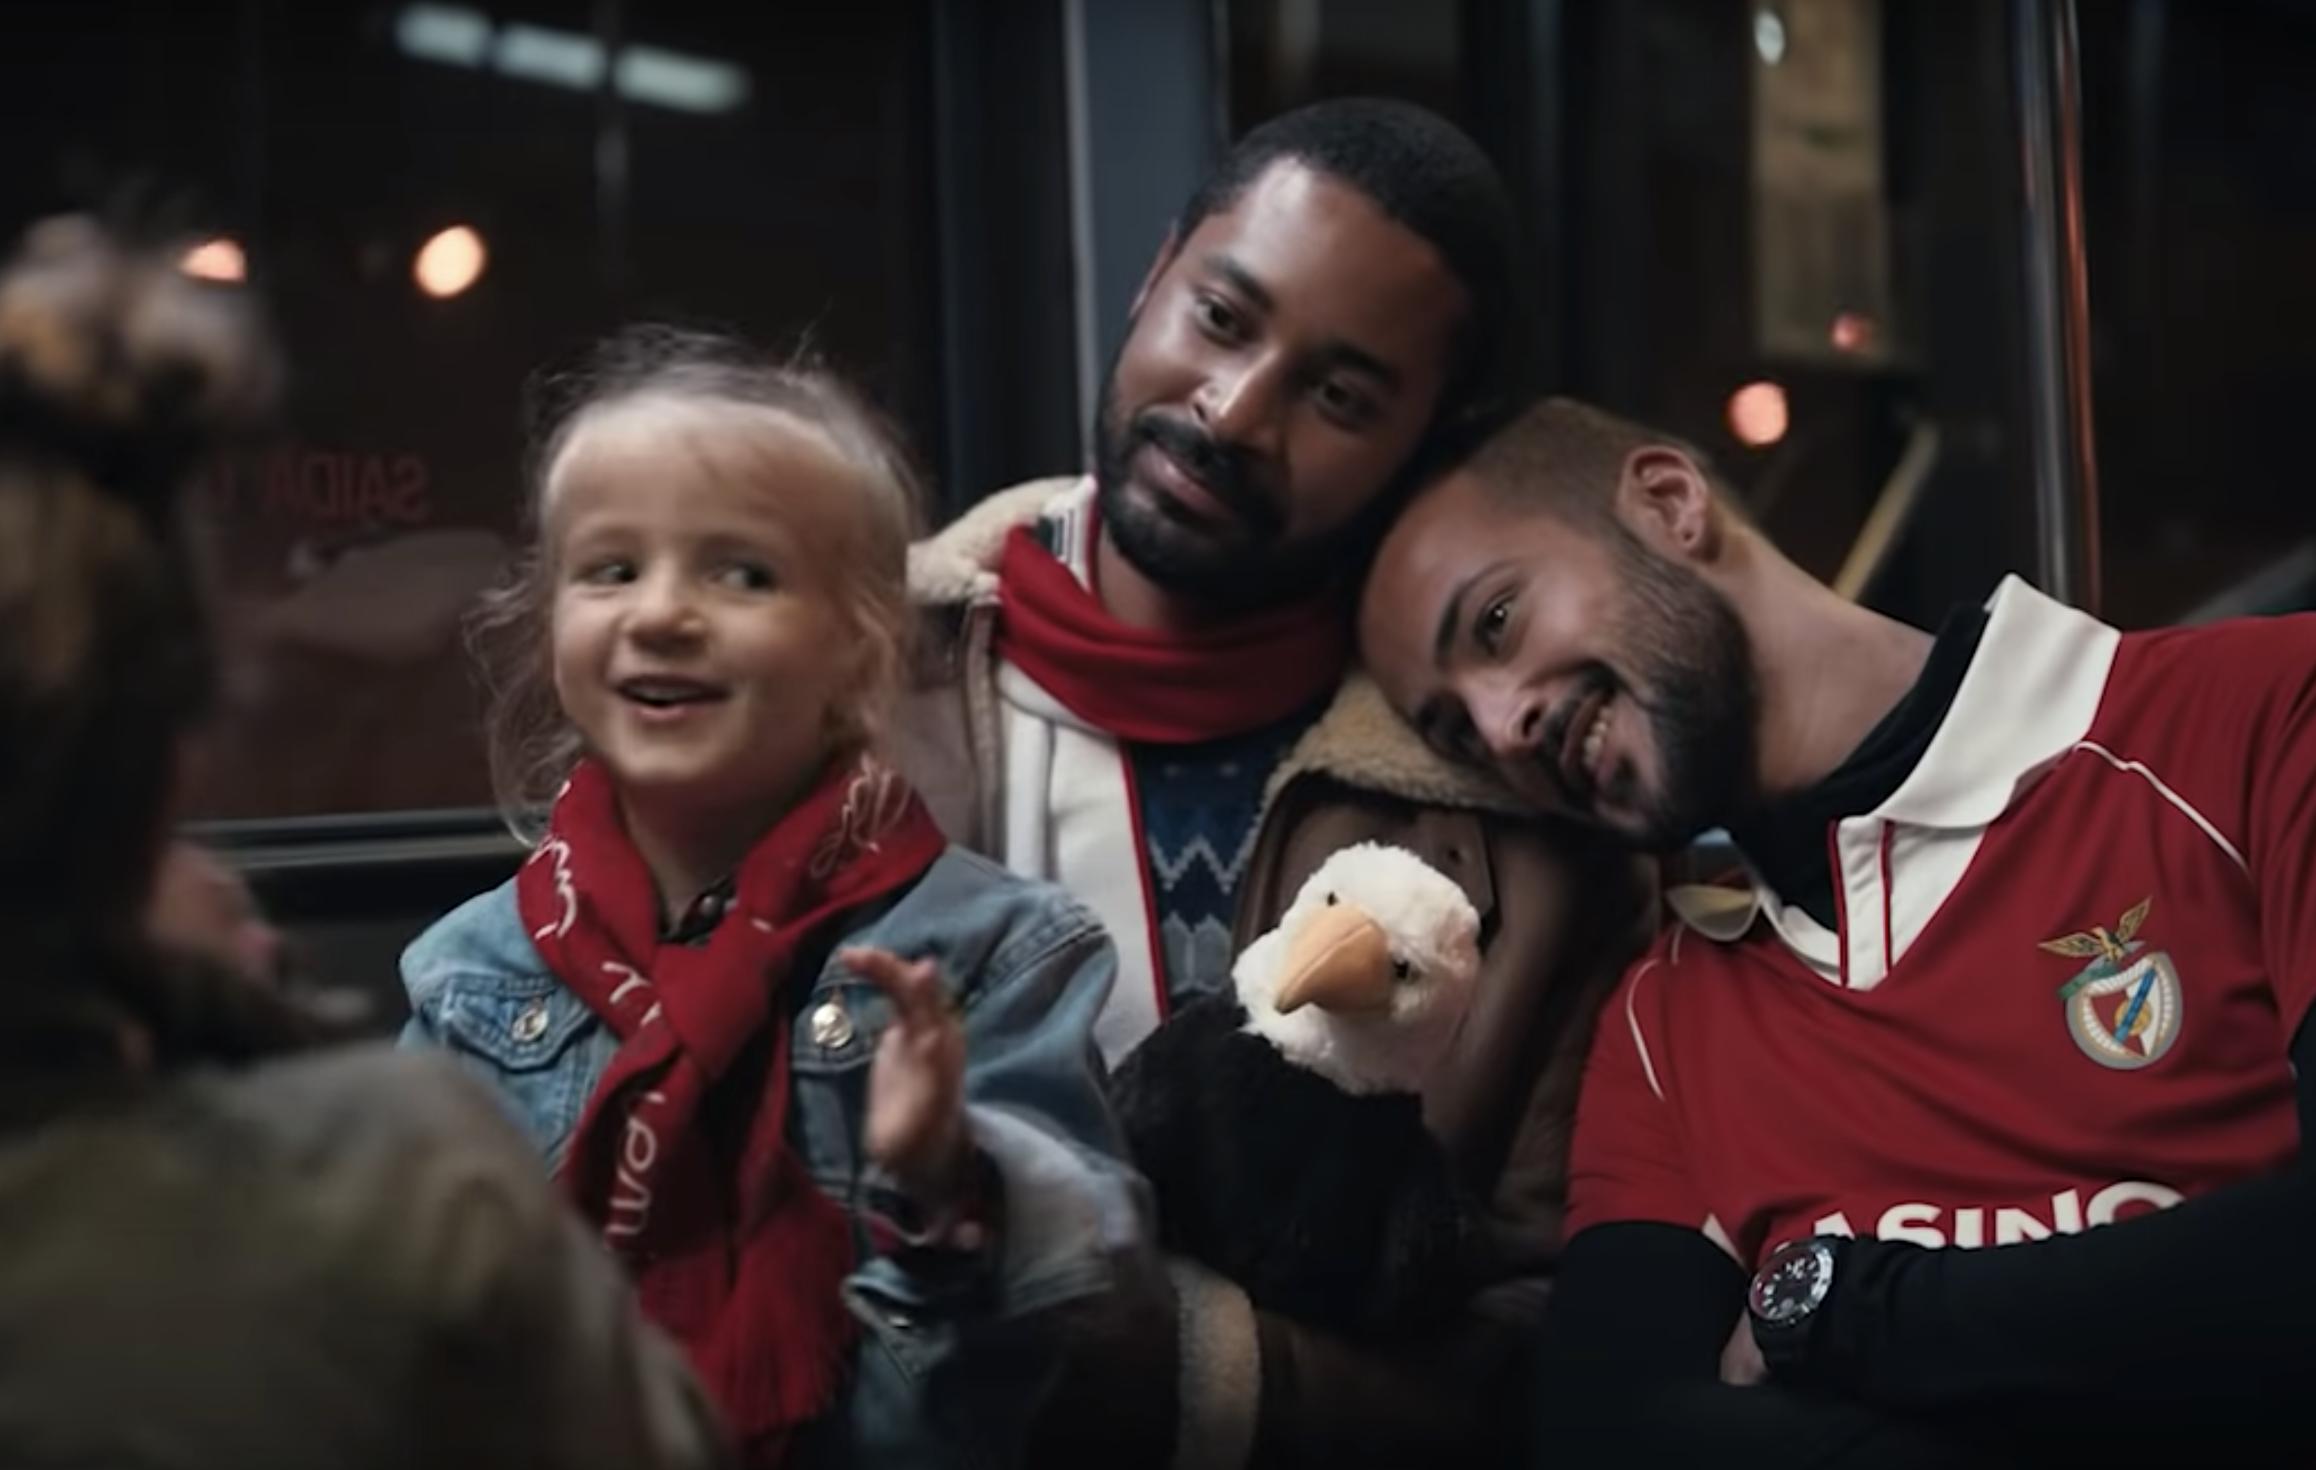 """Histórico! Benfica lança campanha inclusiva para famílias: """"O importante é haver amor!"""""""